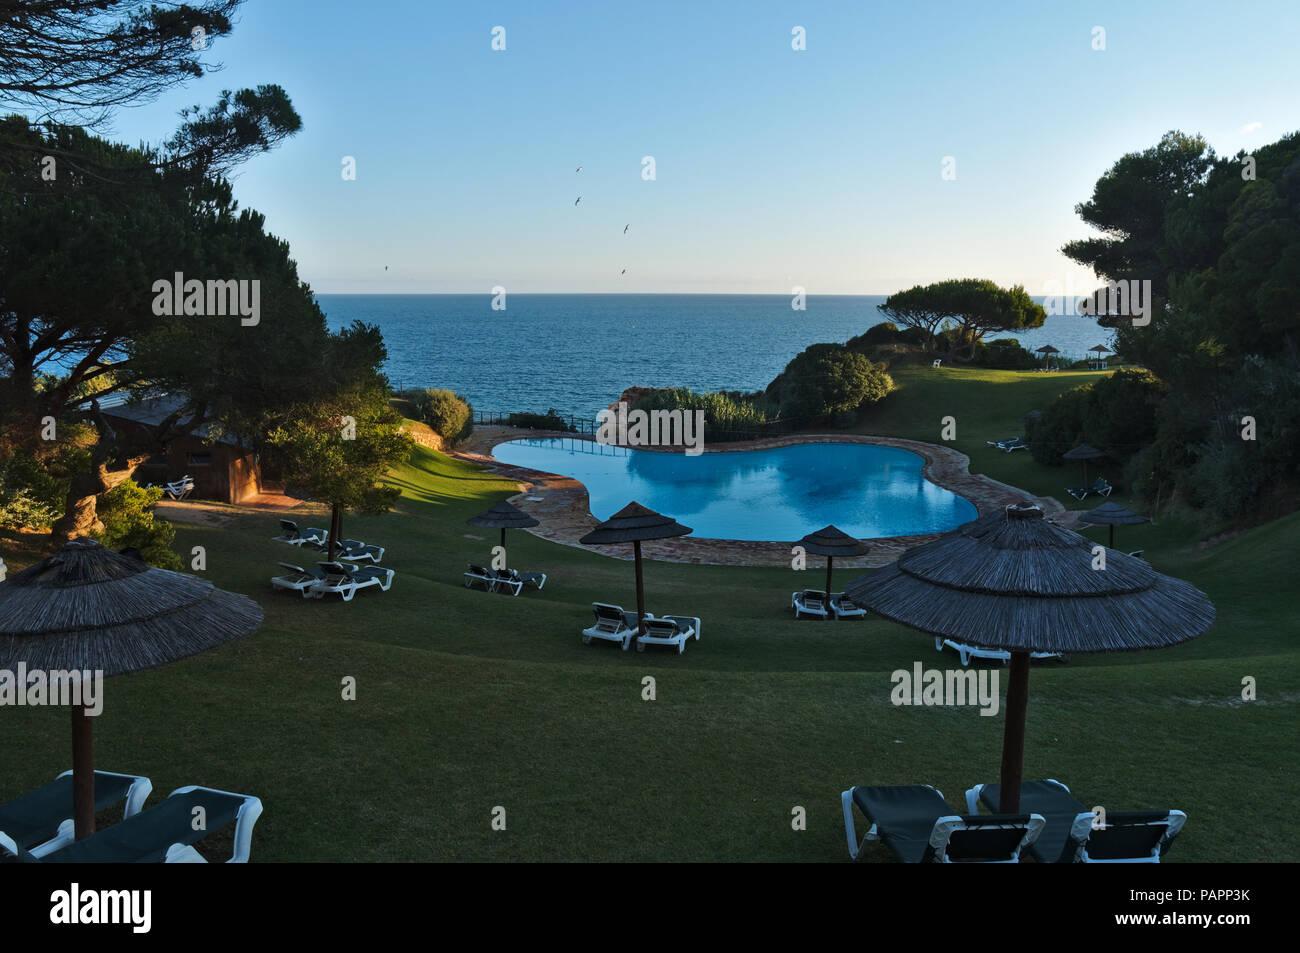 Prainha Club in Portimao. Algarve, Portugal - Stock Image